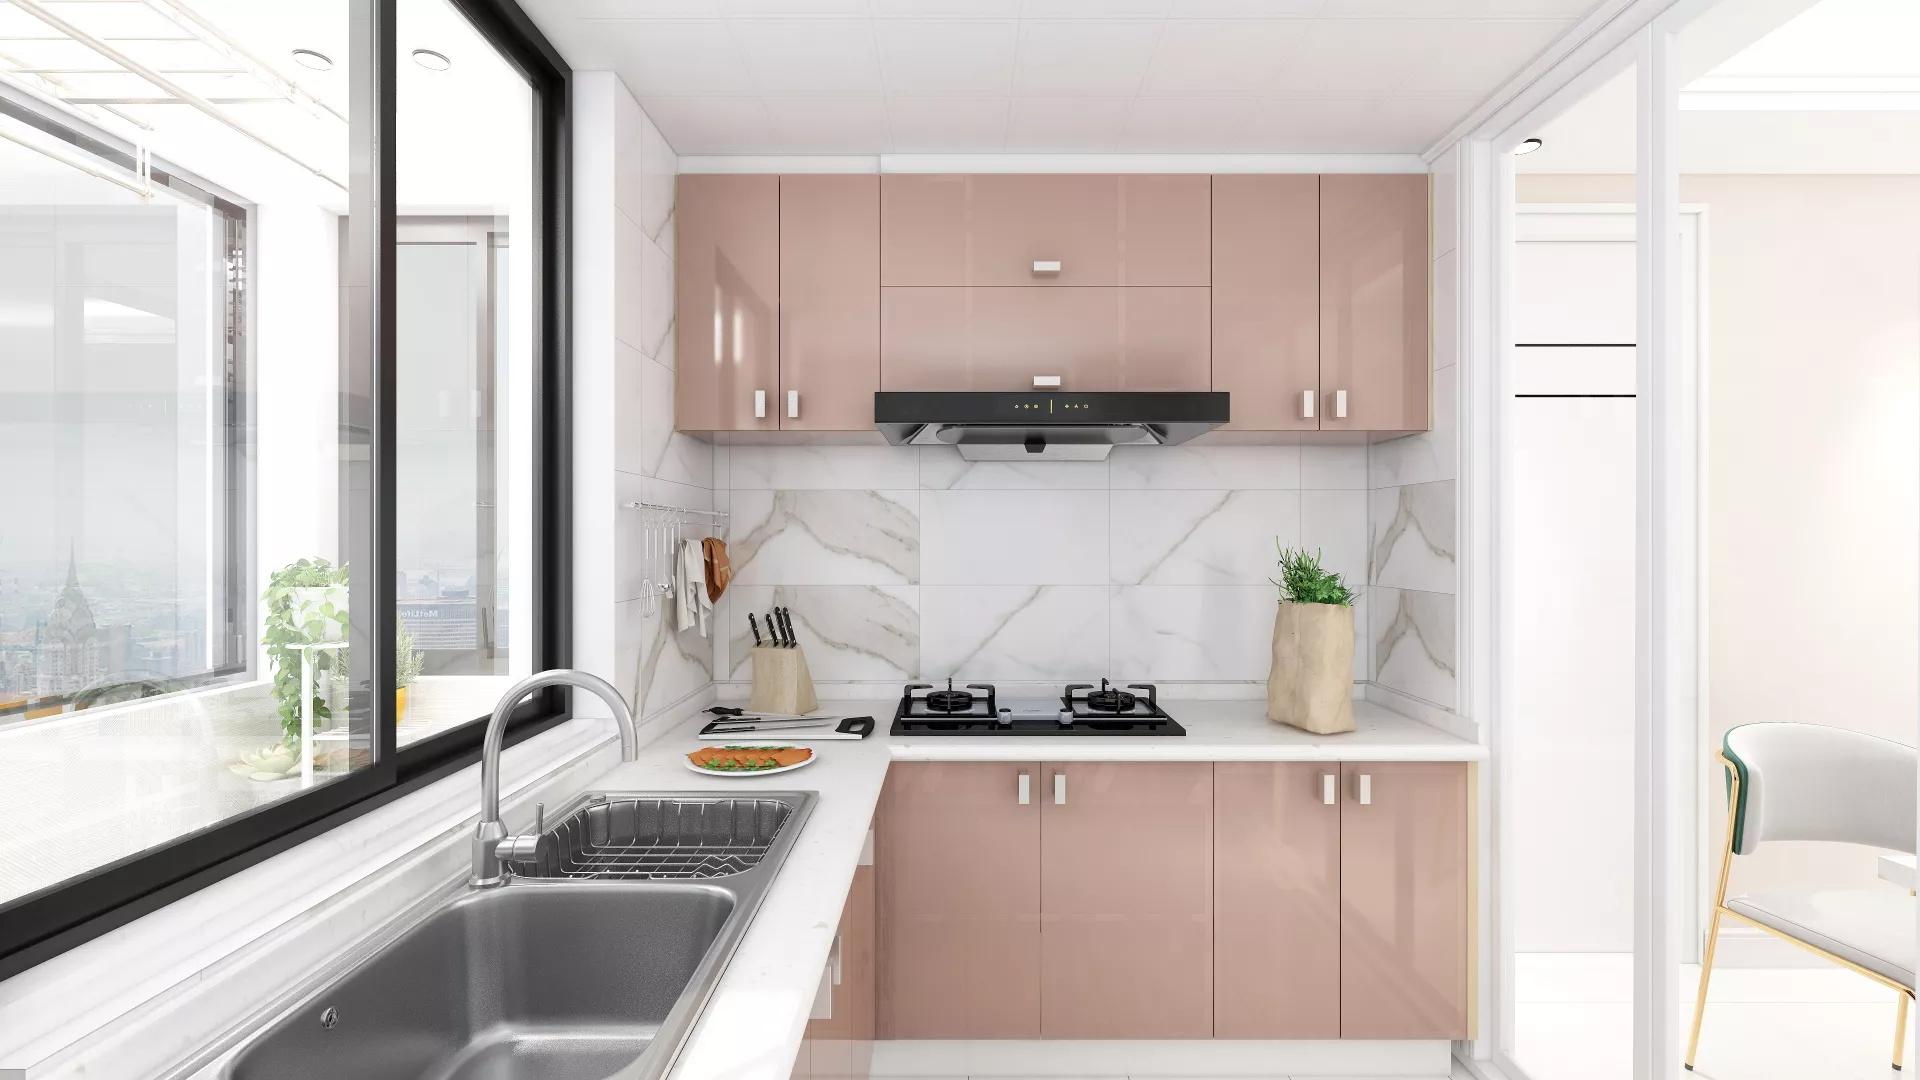 舒适简约风格厨房装修效果图